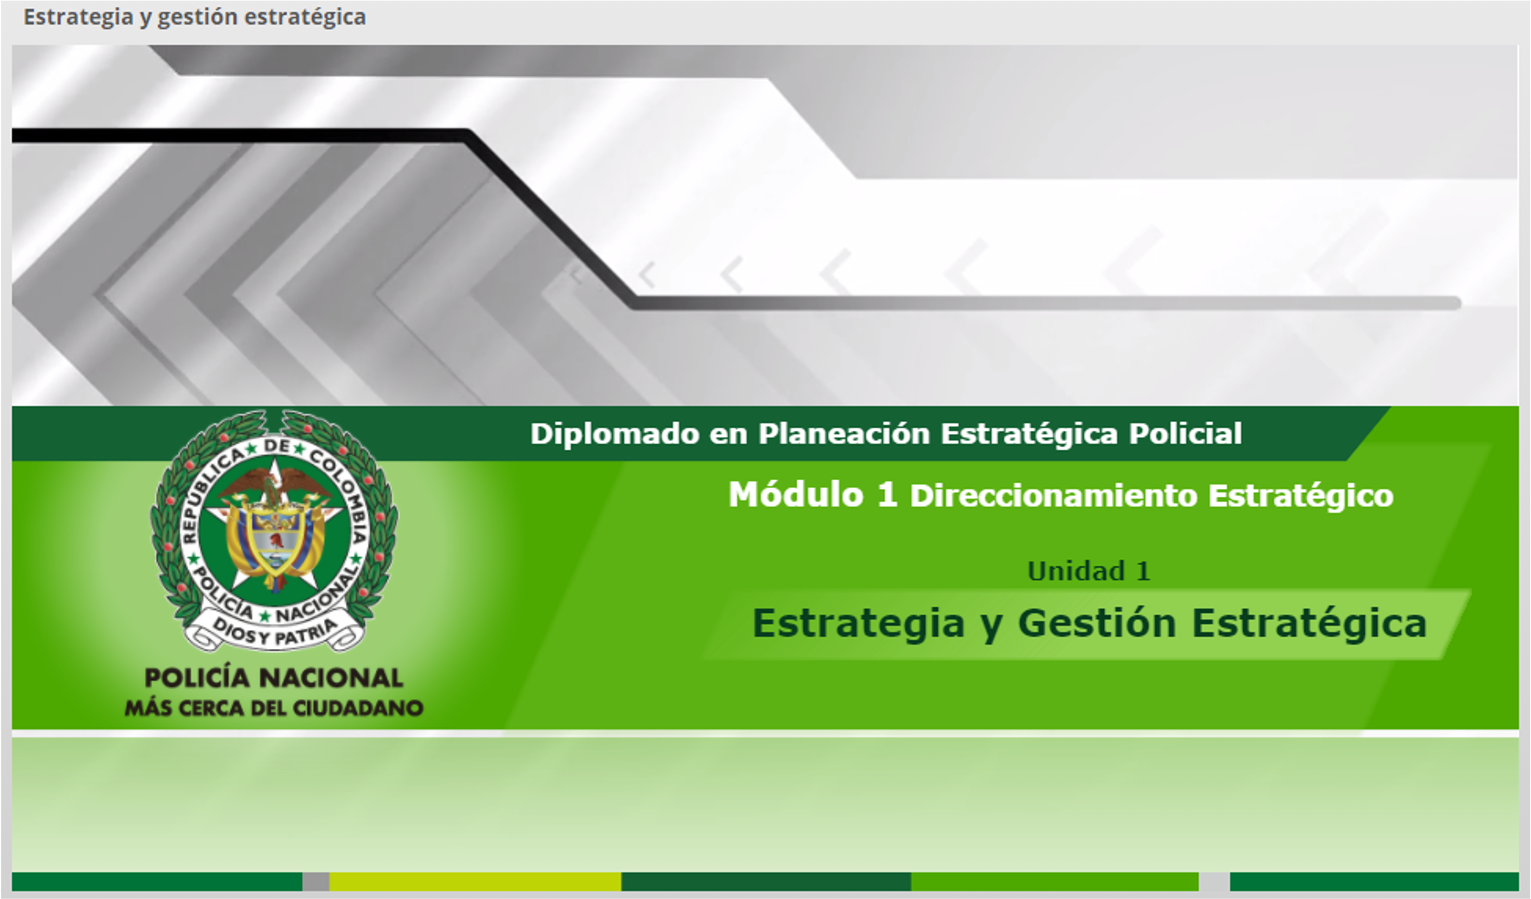 Policia_Nacional-diplomado_planeacion_estratégica